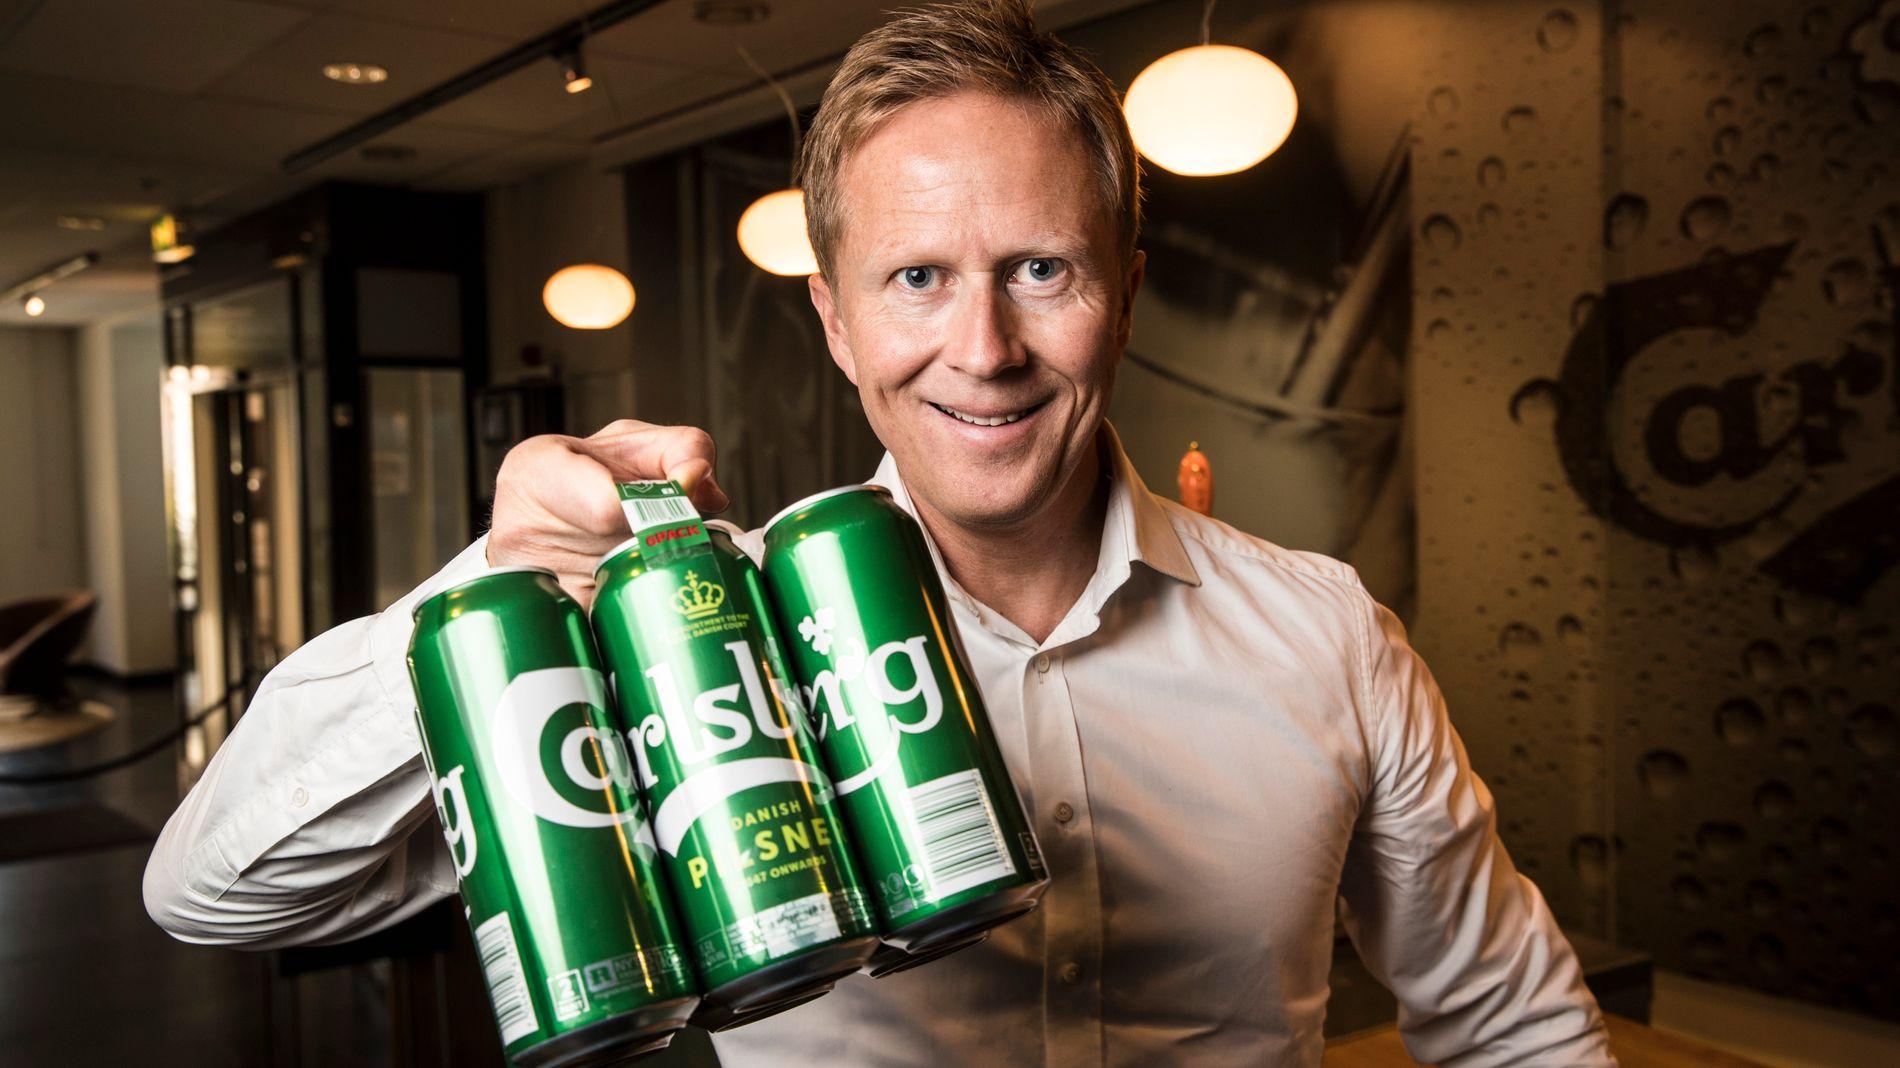 MILJØVENNLIG SEKSPAKNING: Her viser Ringnes-sjef Anders Røed stolt frem en sekspakning uten plast.